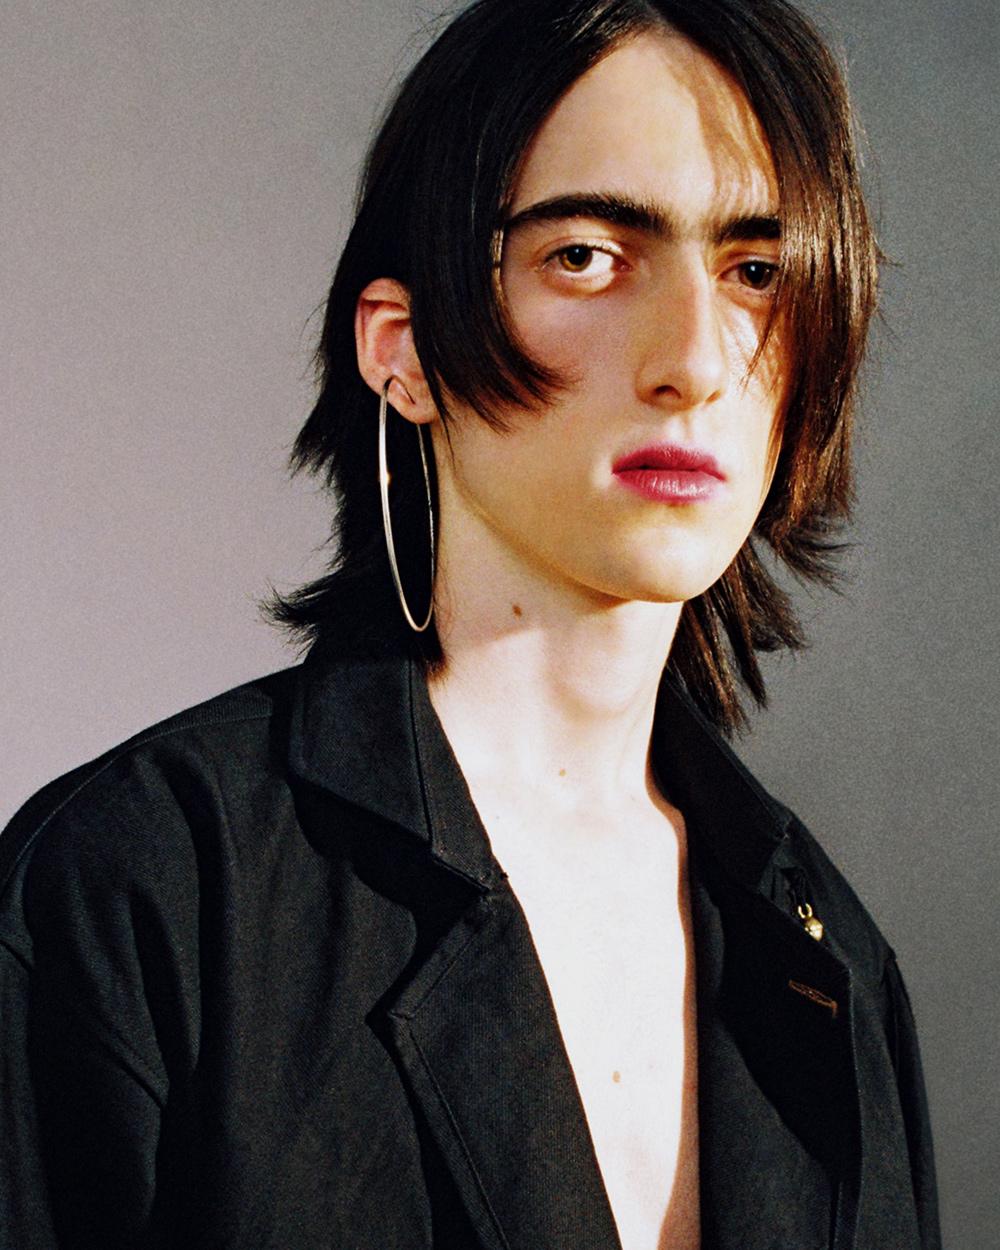 Jacket Yohji Yamamoto, earring stylists own